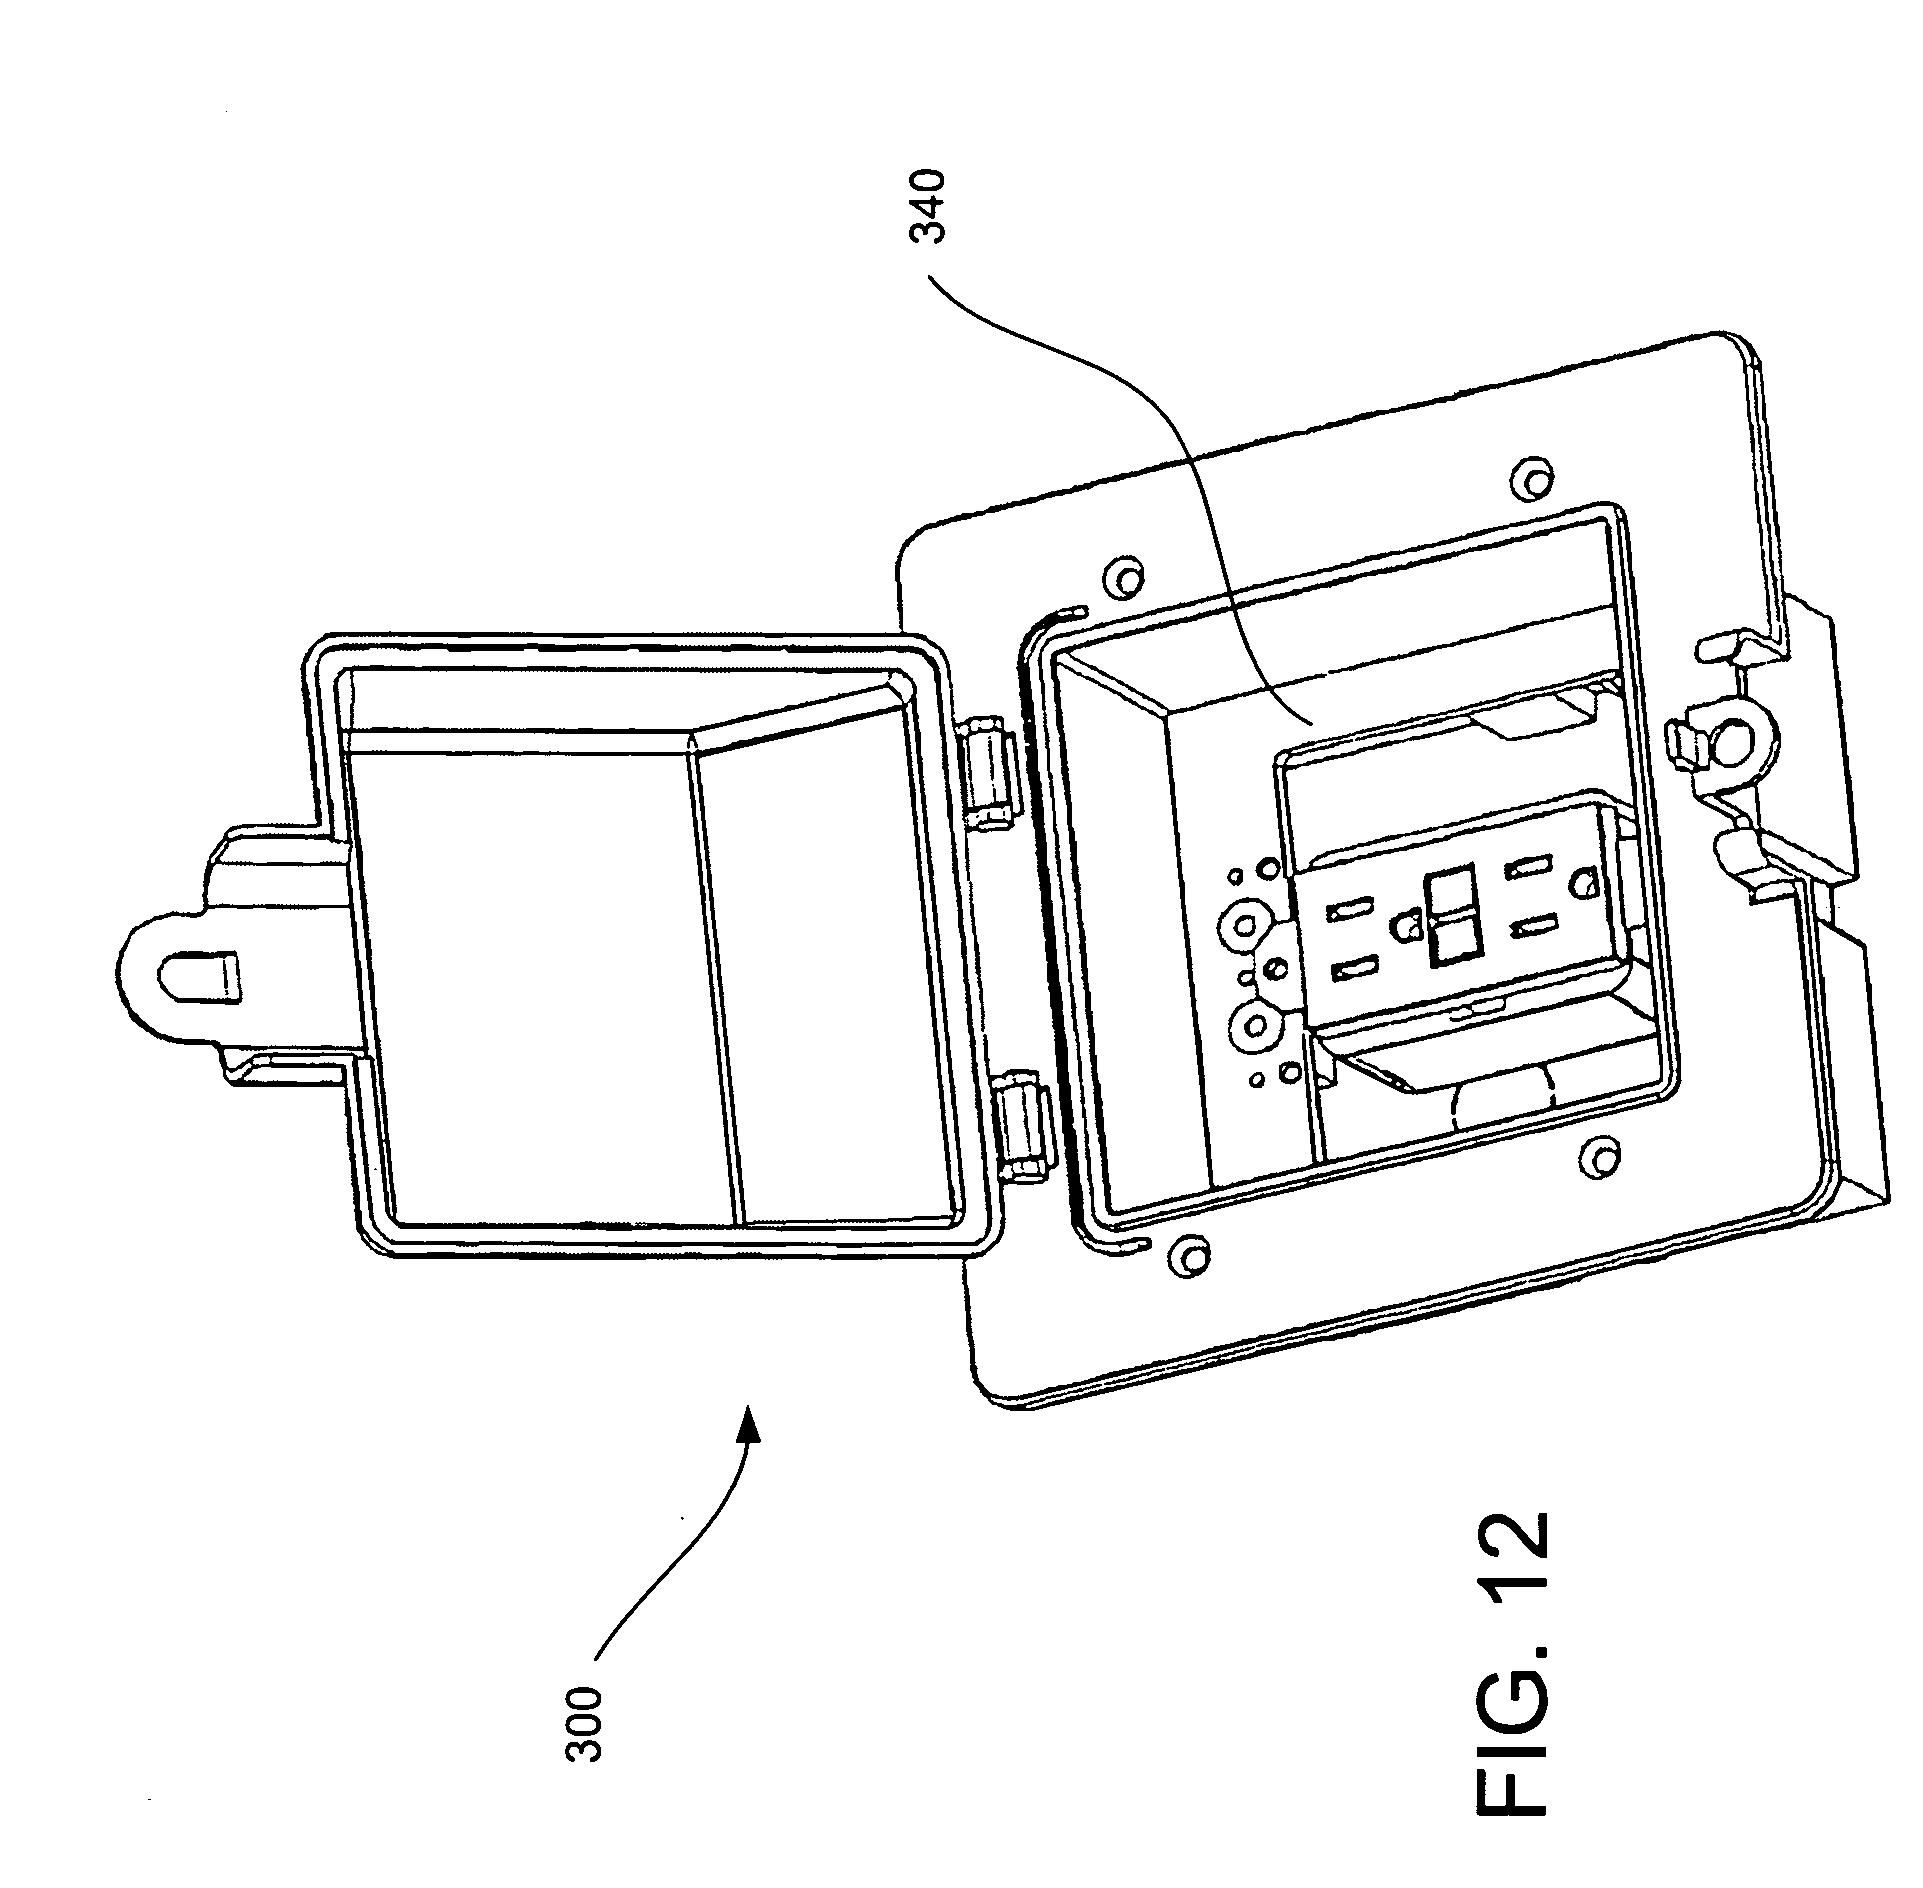 patent us20080196921